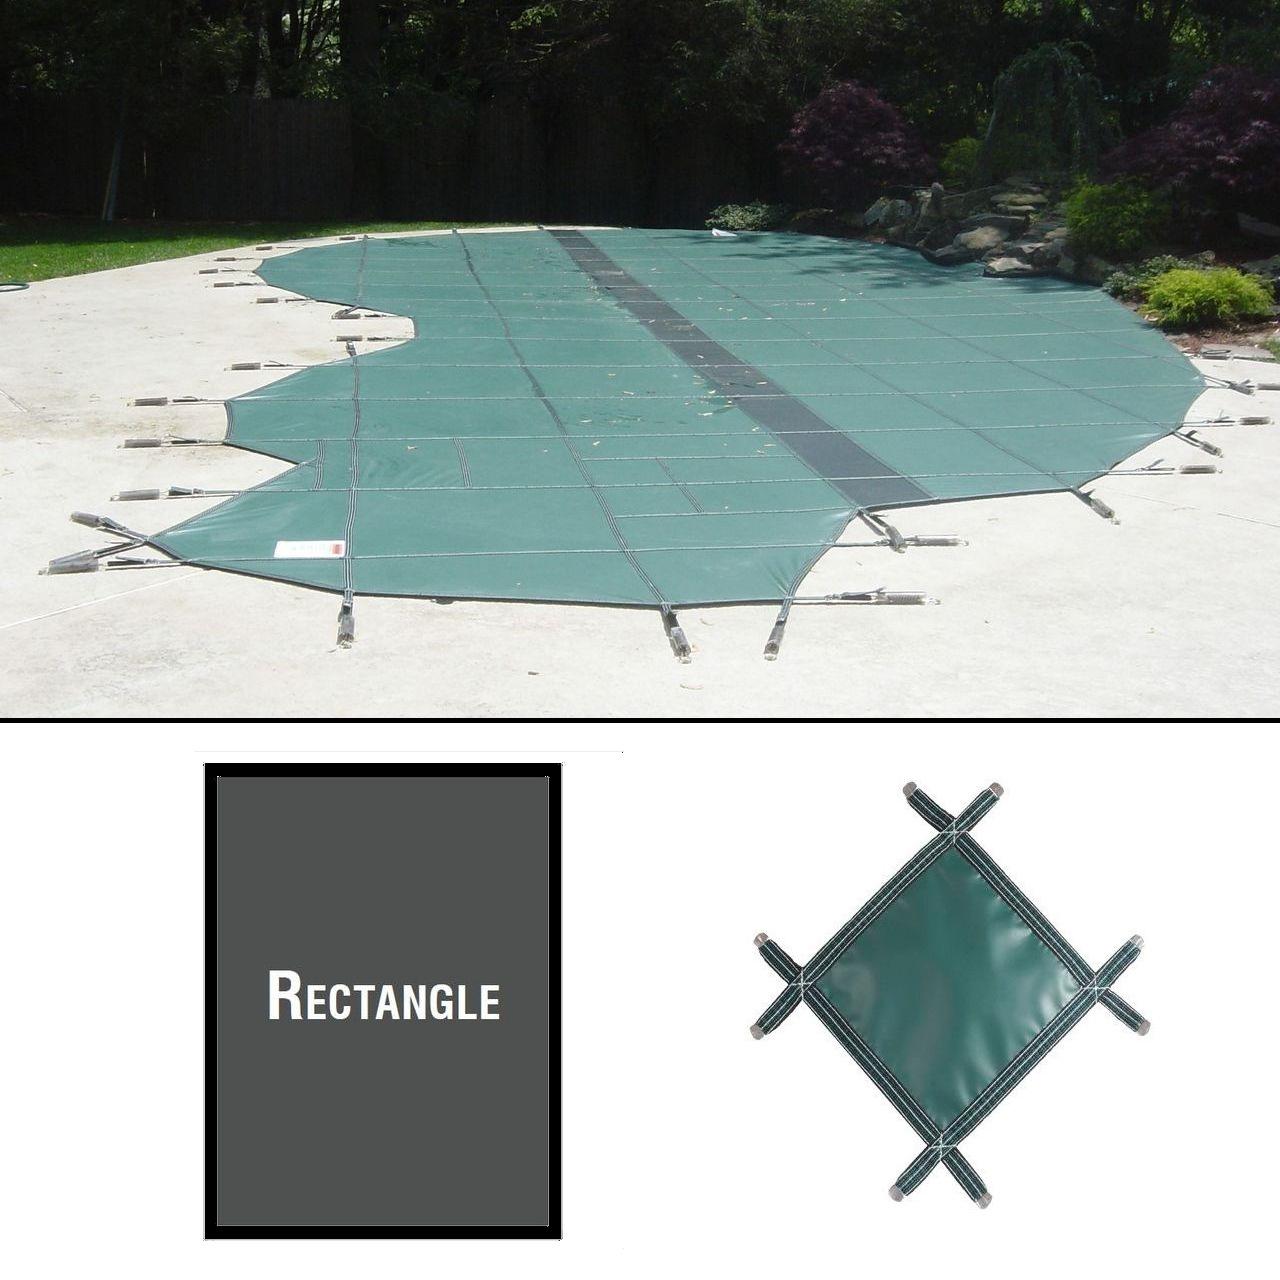 PermaGuard 22'x42' Rectangular Pool Cover